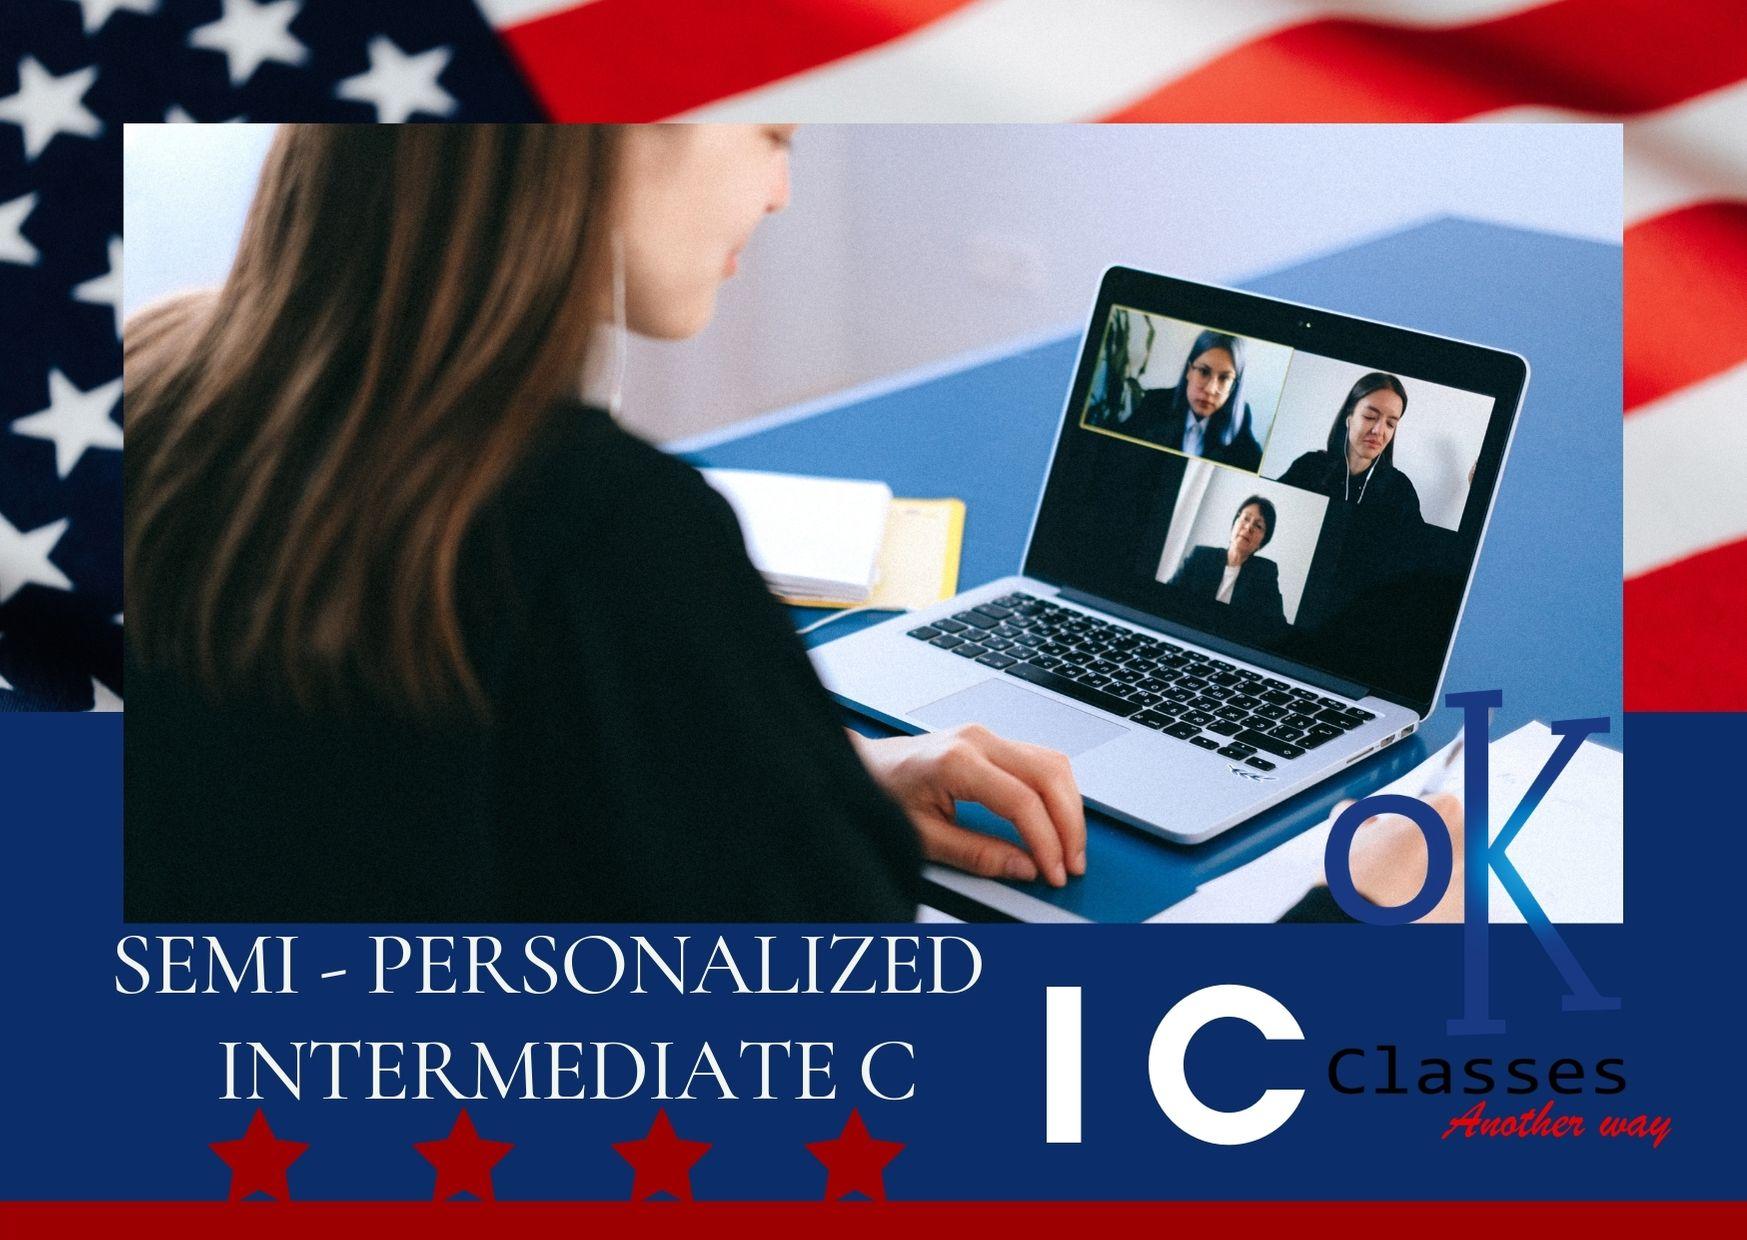 Ok Classes Semi-Personalized Intermediate c